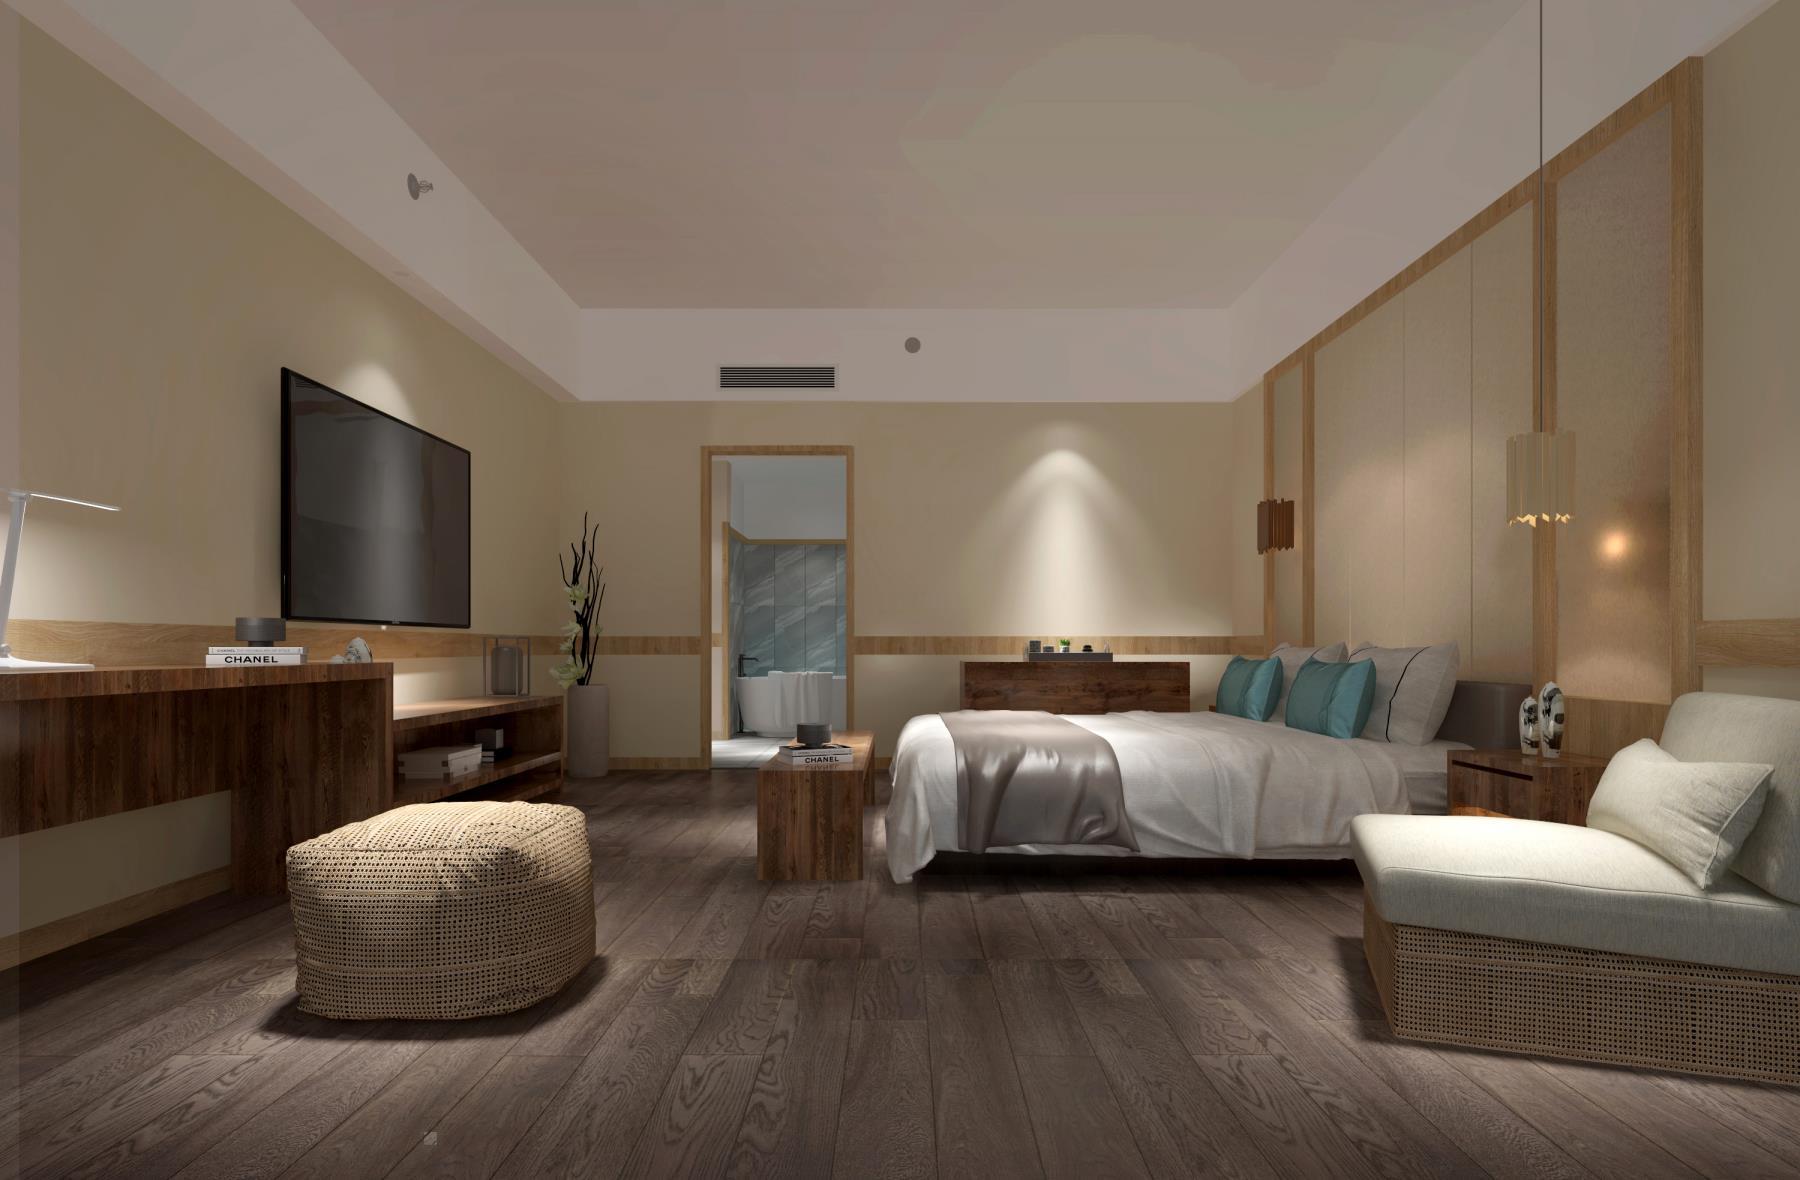 银川酒店家具定制安装-榆林酒店家具品牌-榆林酒店家具安装